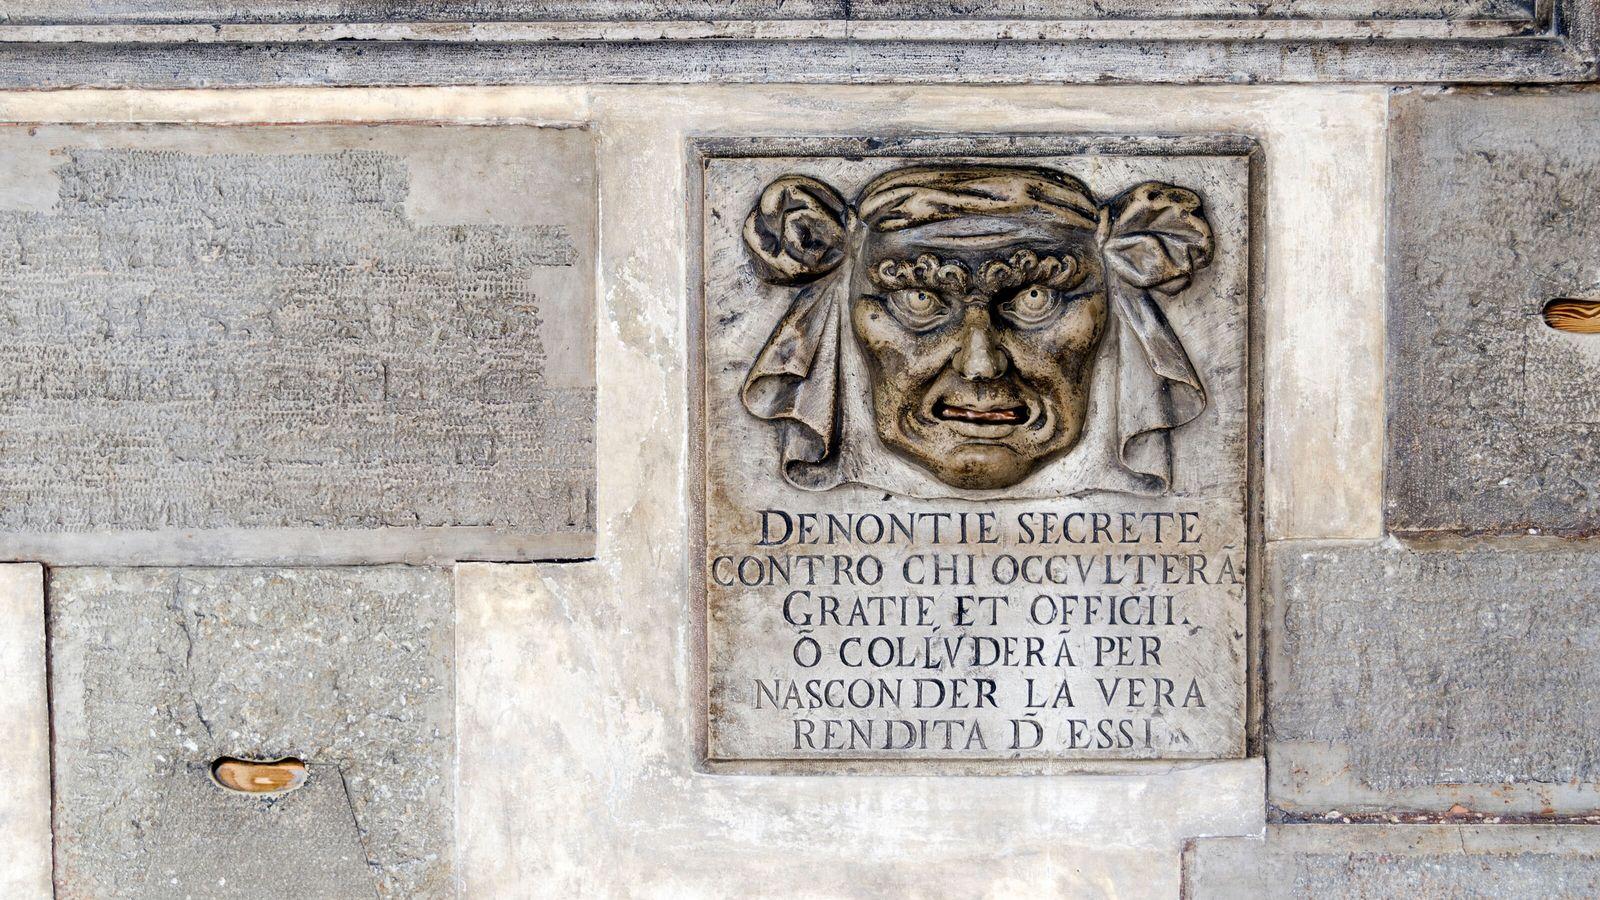 Bocche di Leone in Palazzo Ducale, San Marco.